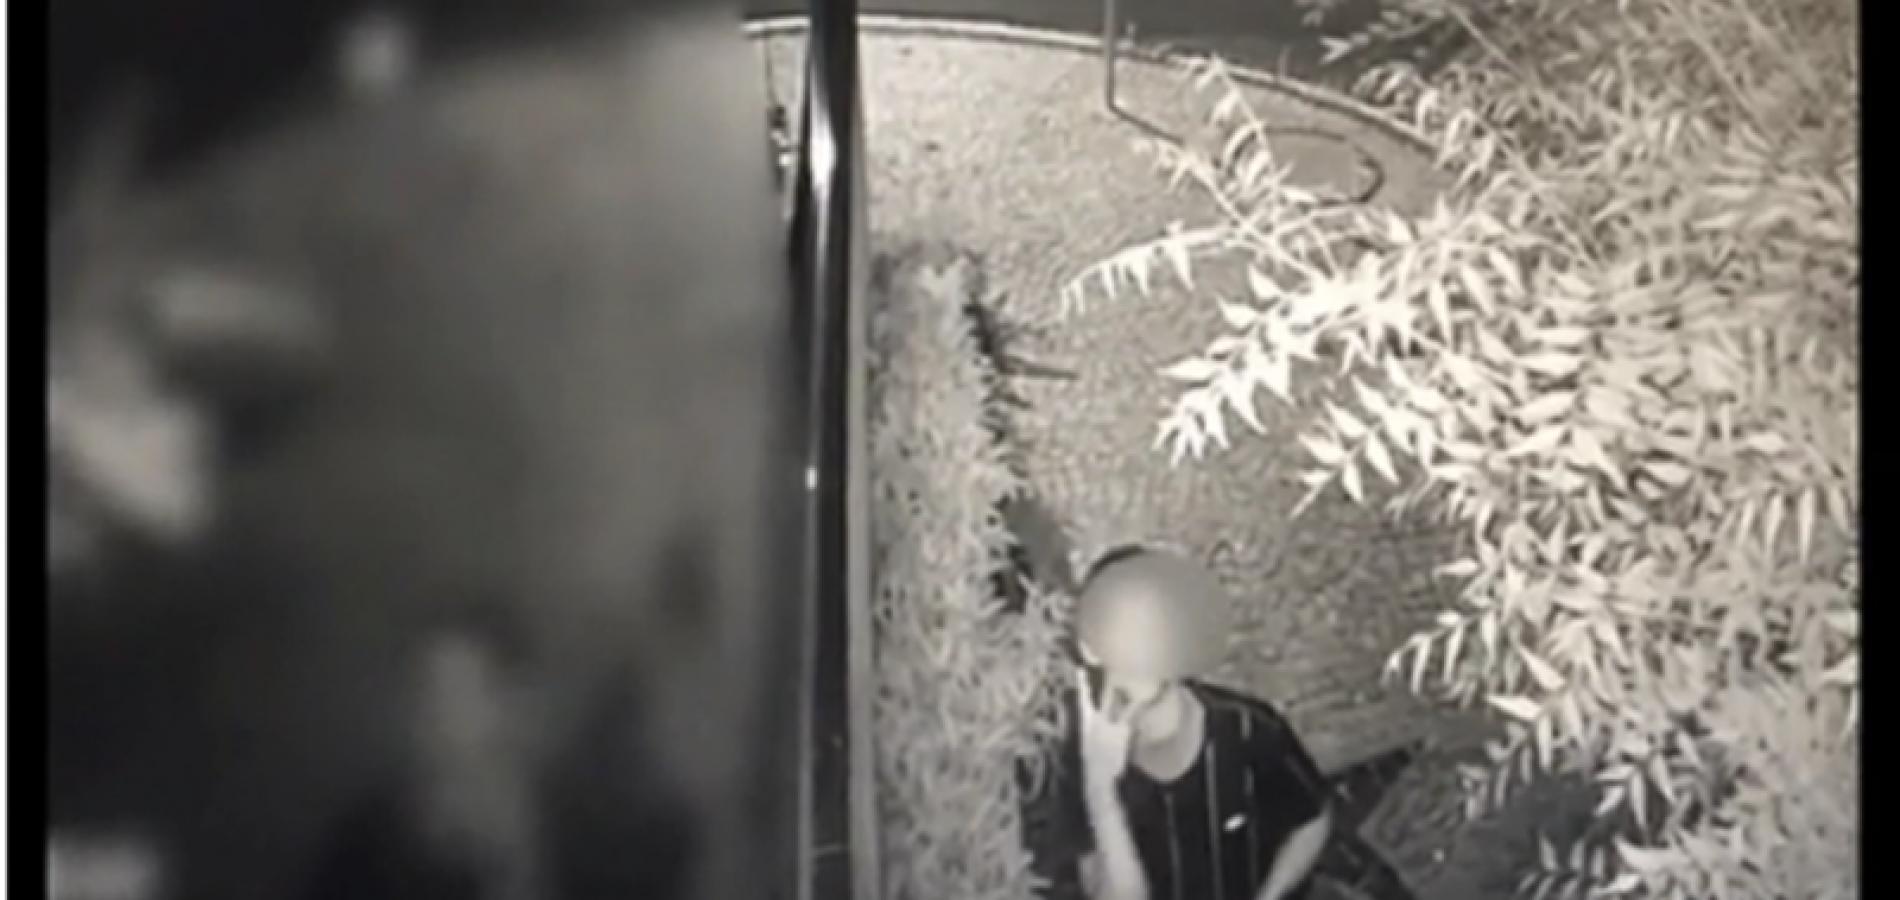 Arrombador faz sinal para câmera de segurança mostrando quantidade de crimes cometidos no dia